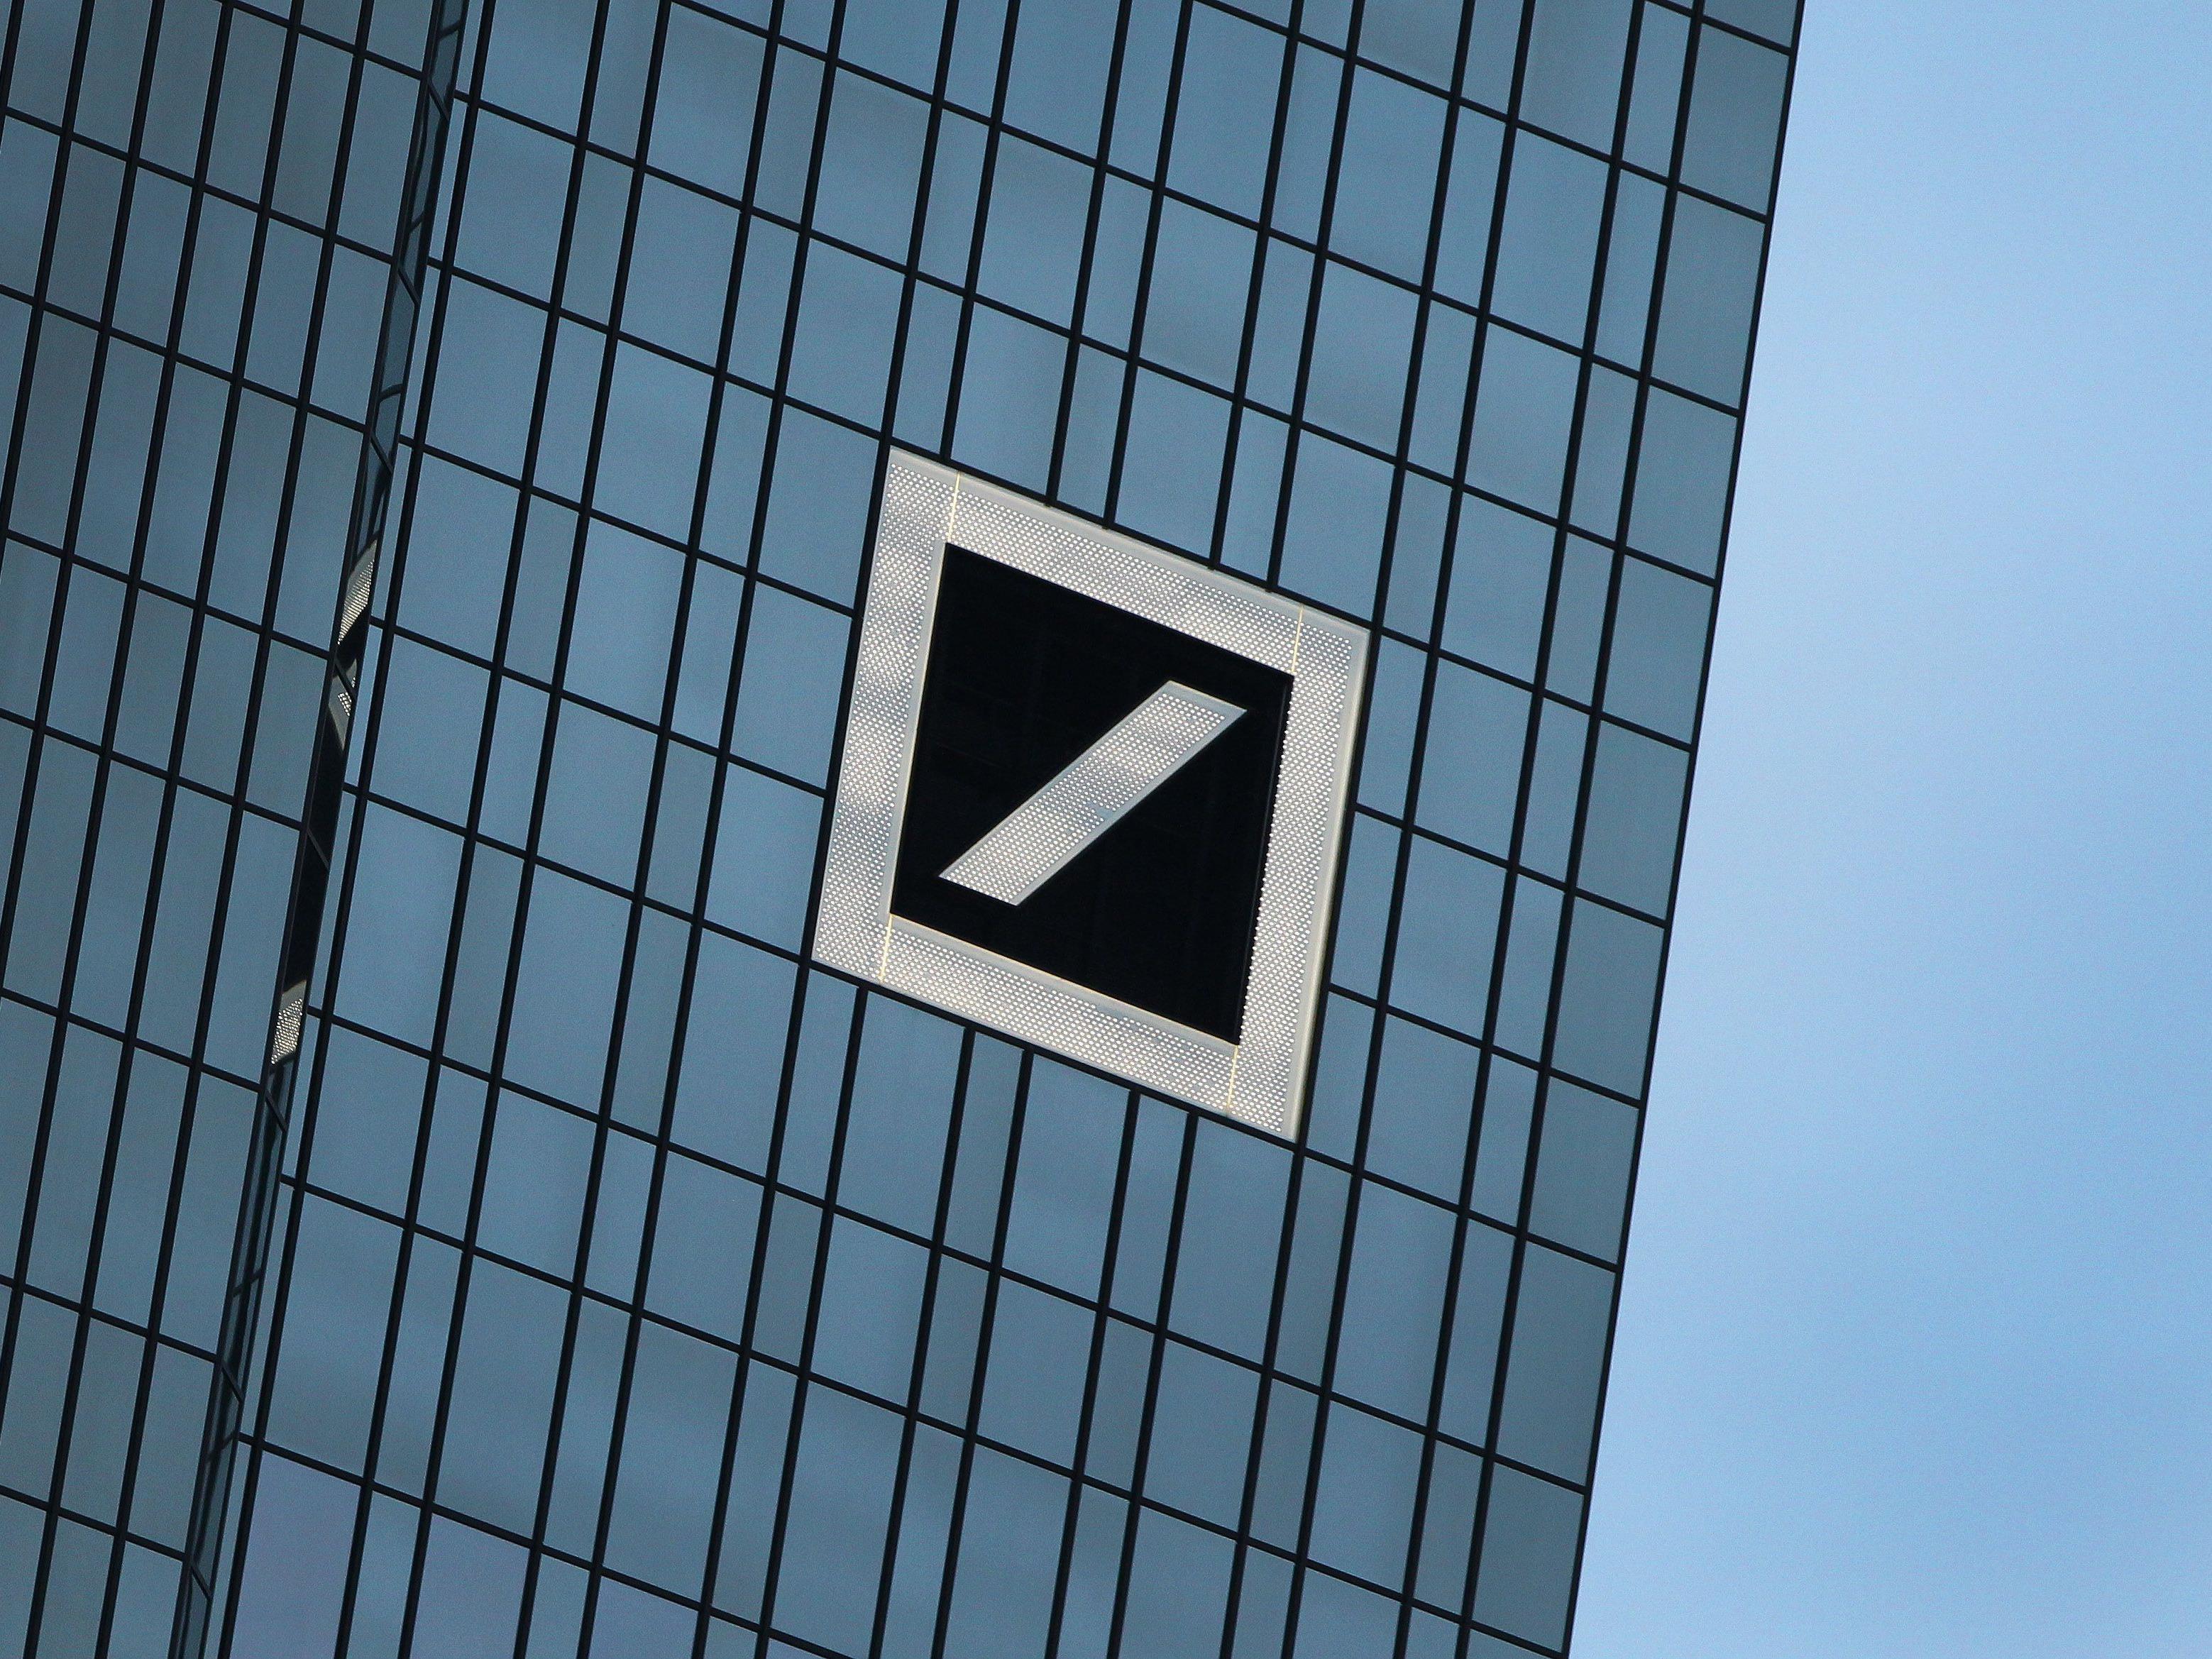 Auch die Deutsche Bank findet in den Panama-Papers Erwähnung.